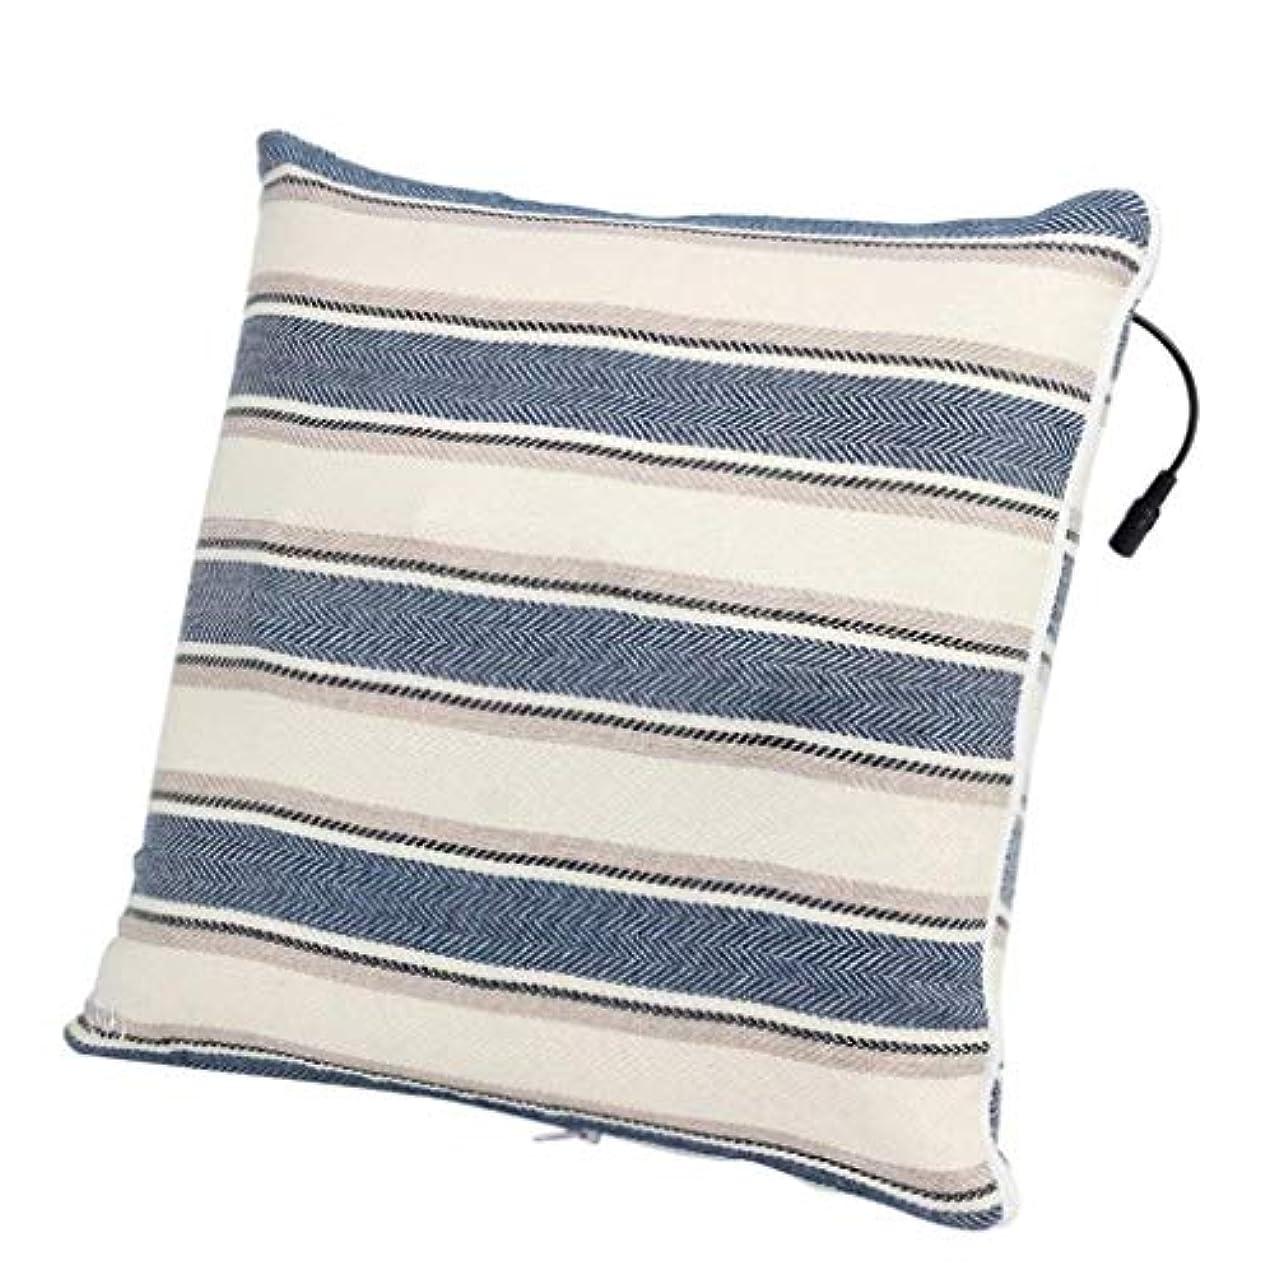 直面する気楽なモールス信号電動マッサージ枕、背中、首、肩、足の3D指圧マッサージャーで筋肉をほぐし、痛みを和らげ、持ち運びが簡単